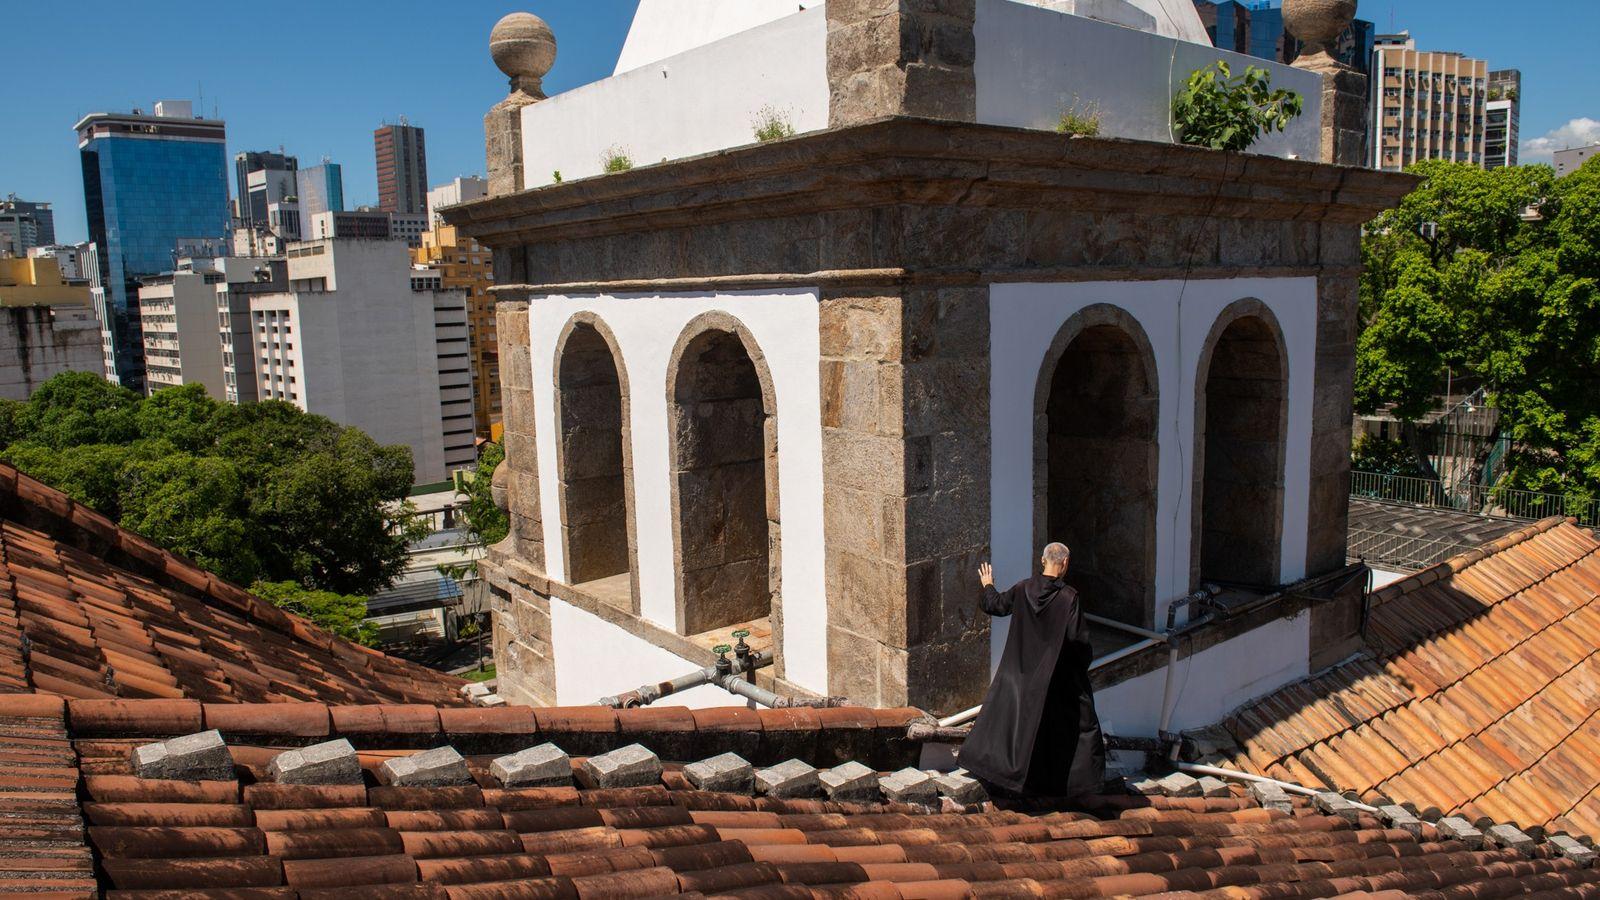 Teto o mosteiro de São Bento